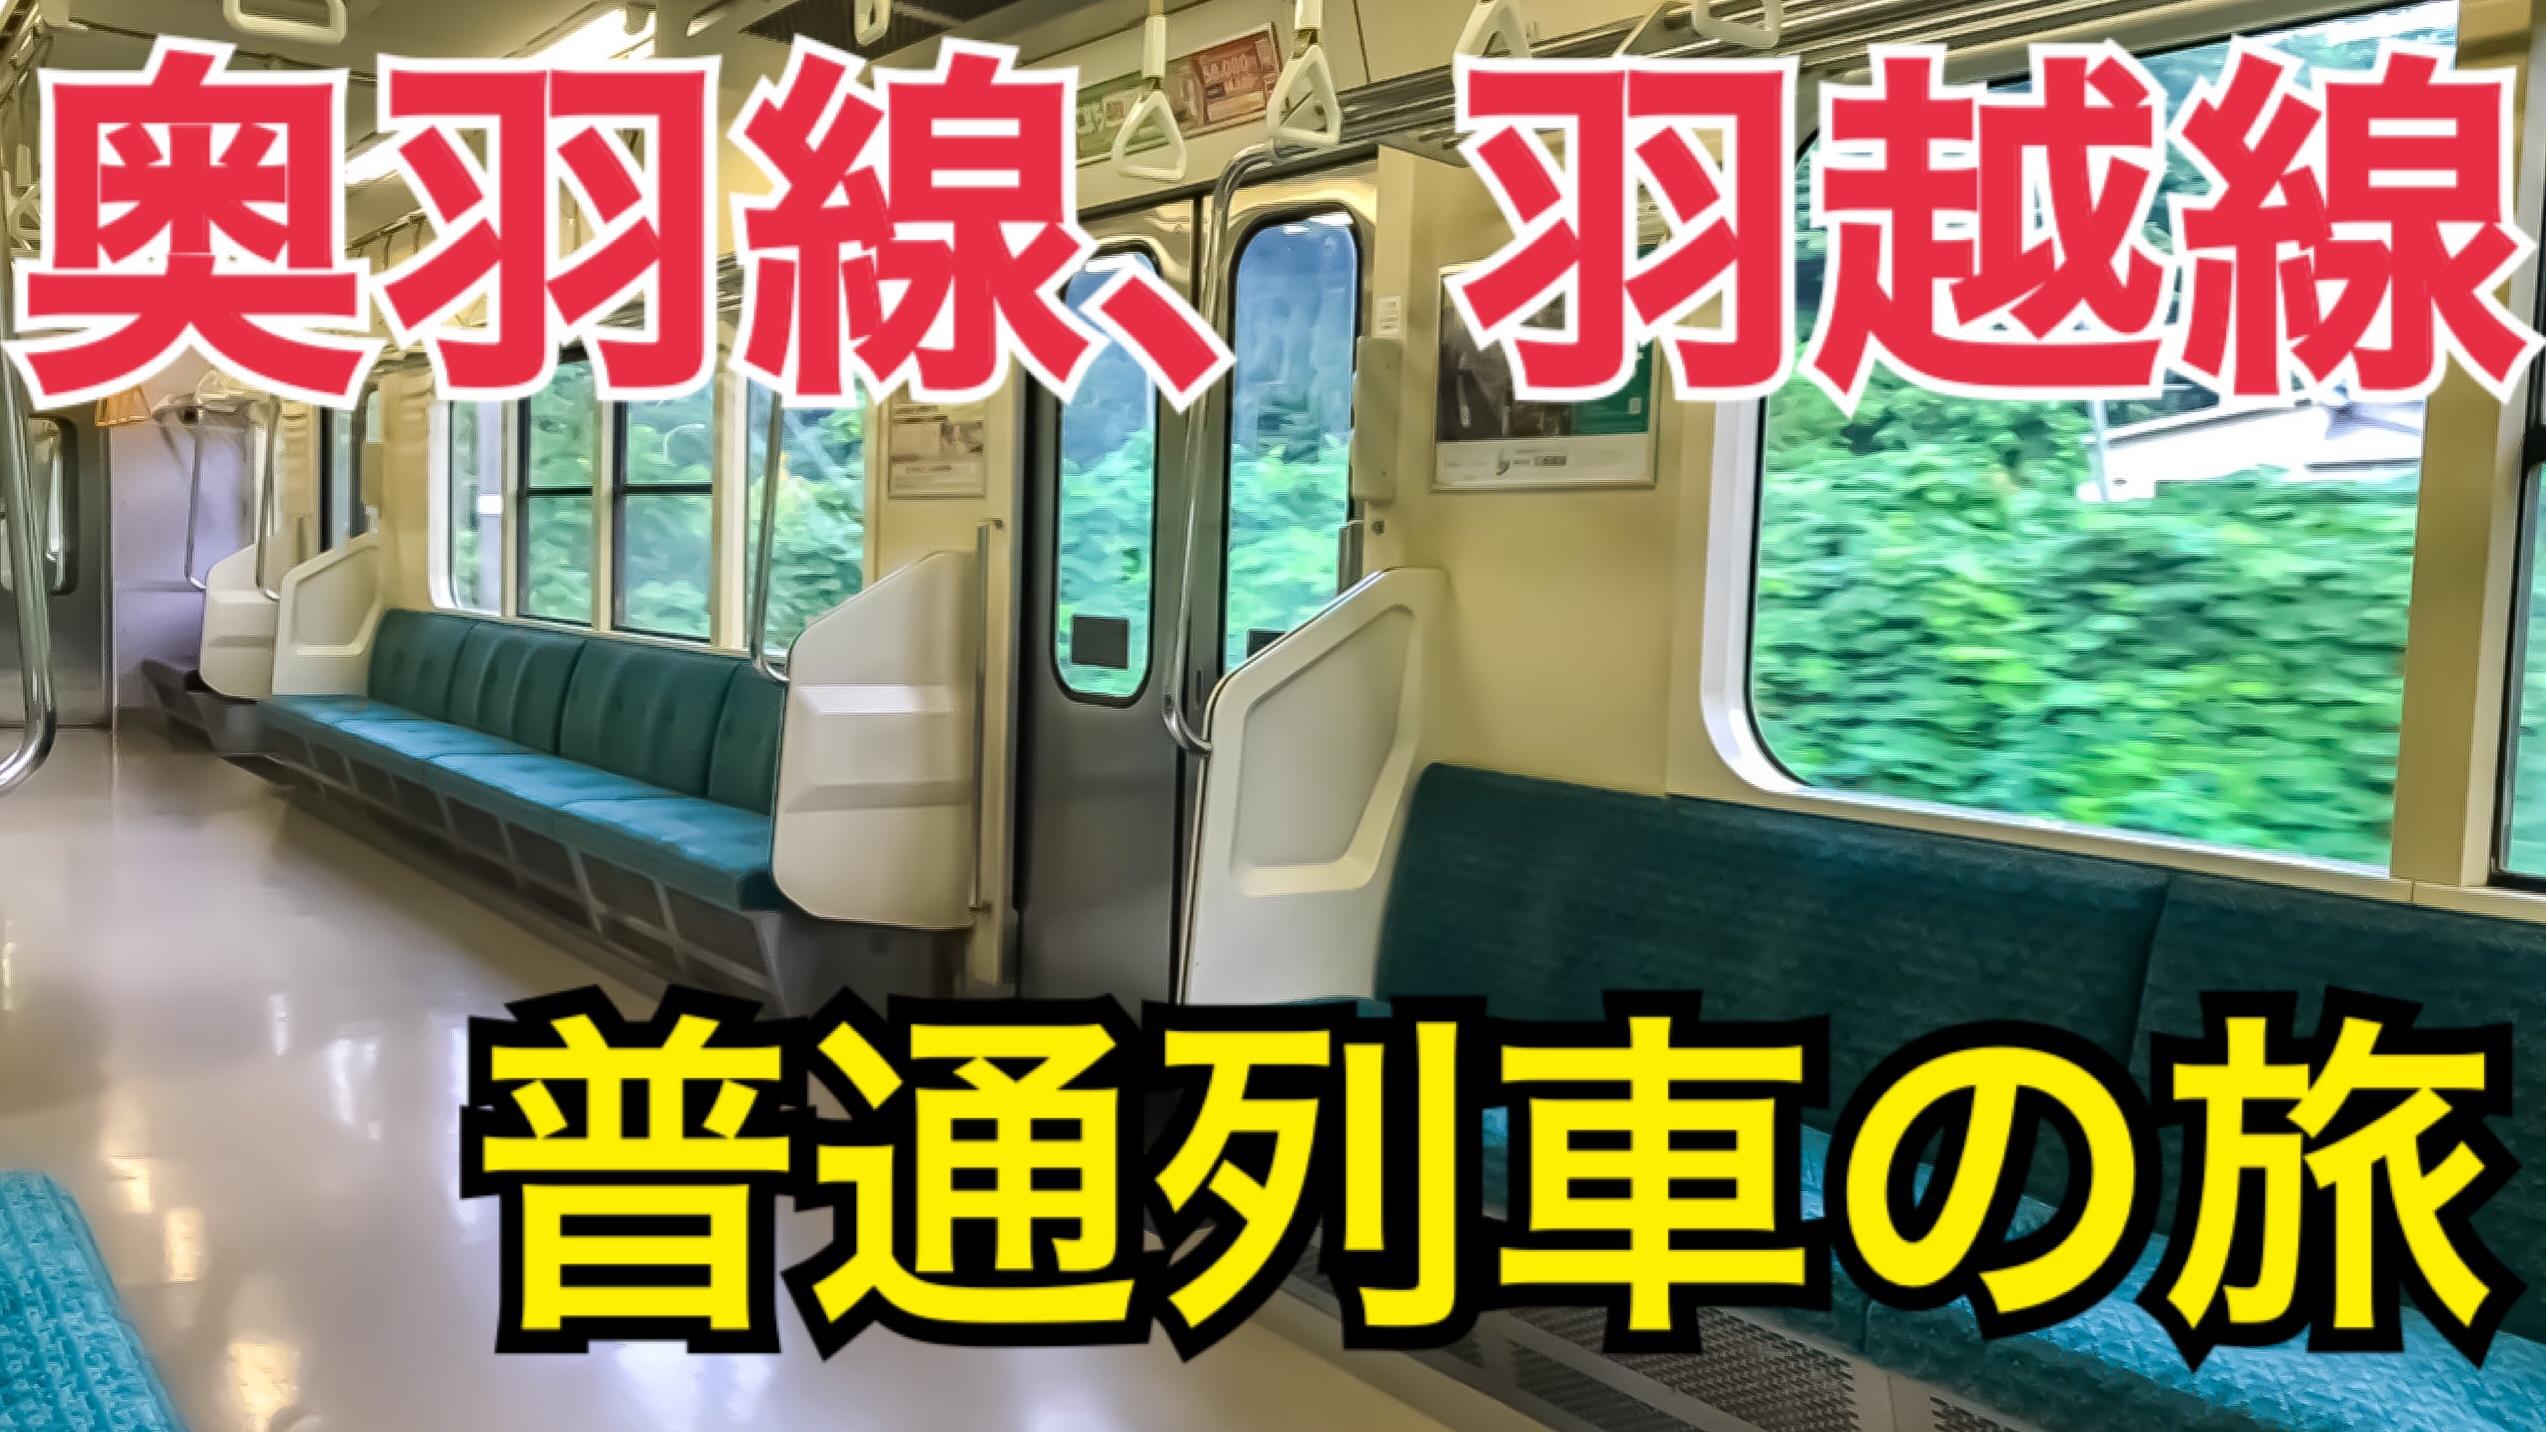 奥羽本線、羽越本線で普通列車の旅 701系だらけですごい【北海道東日本パスの旅2020】